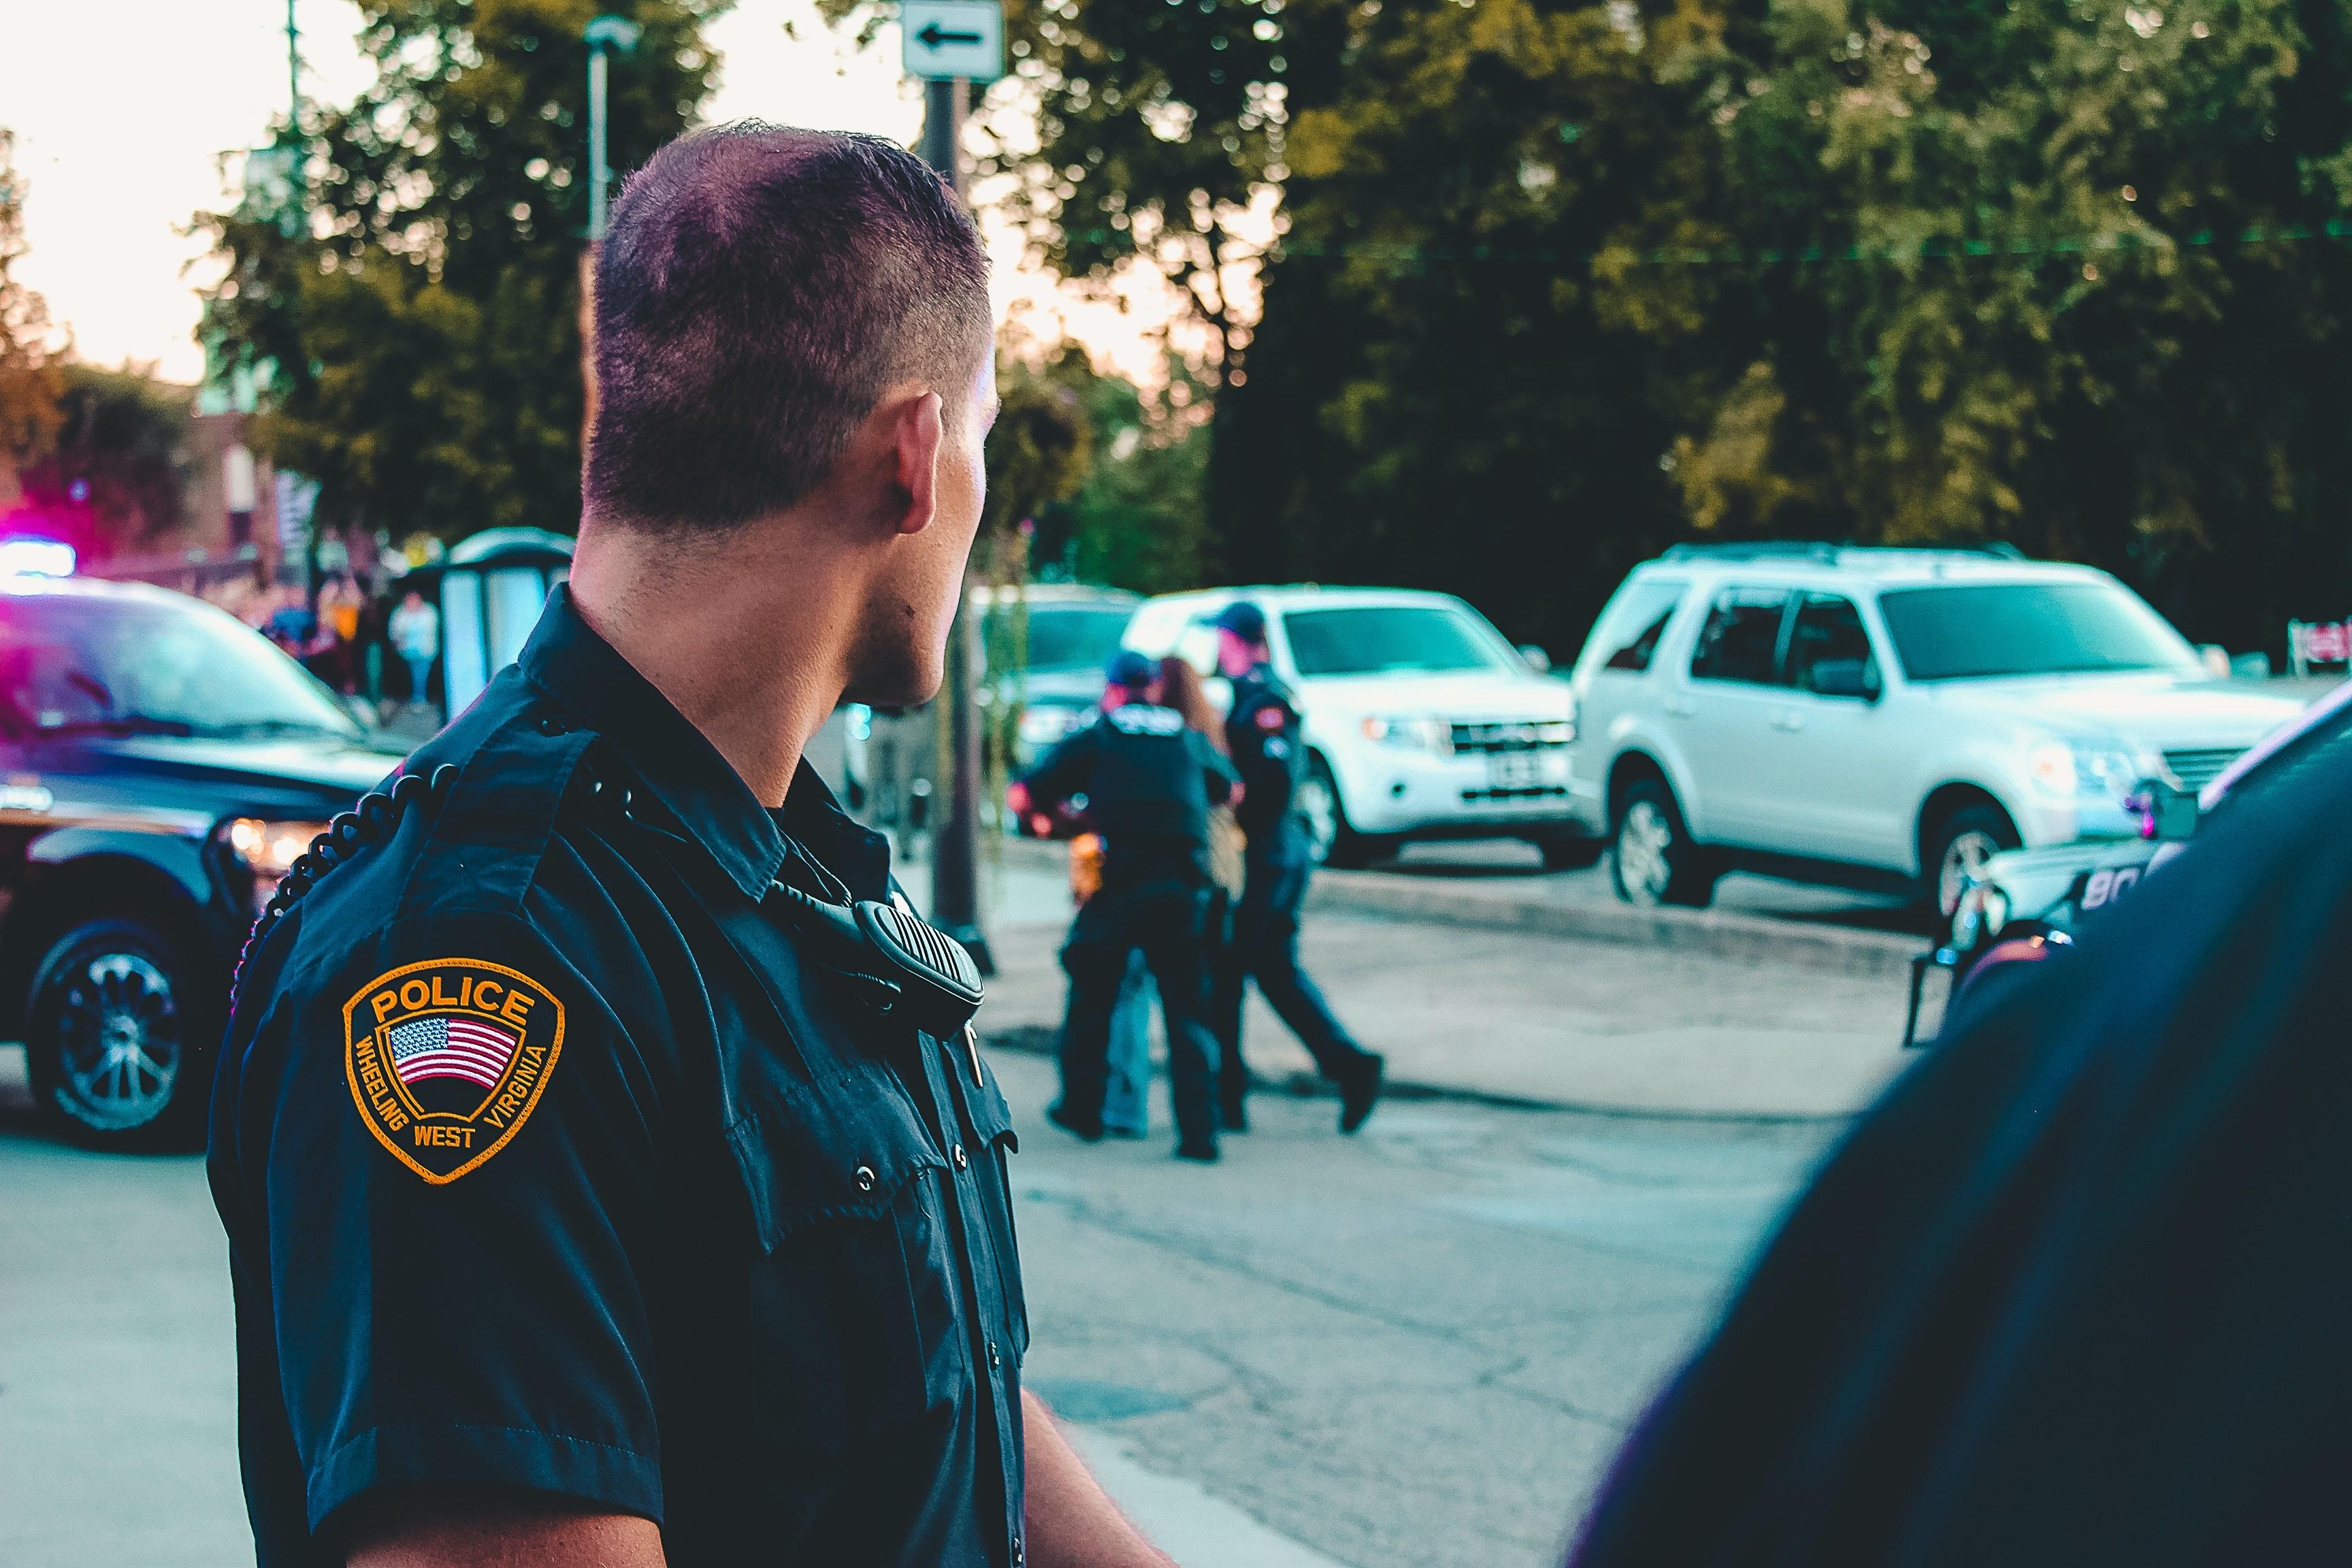 Médicos explicam por que estrangulamento usado por policiais é tão perigoso (Foto: Pexels)